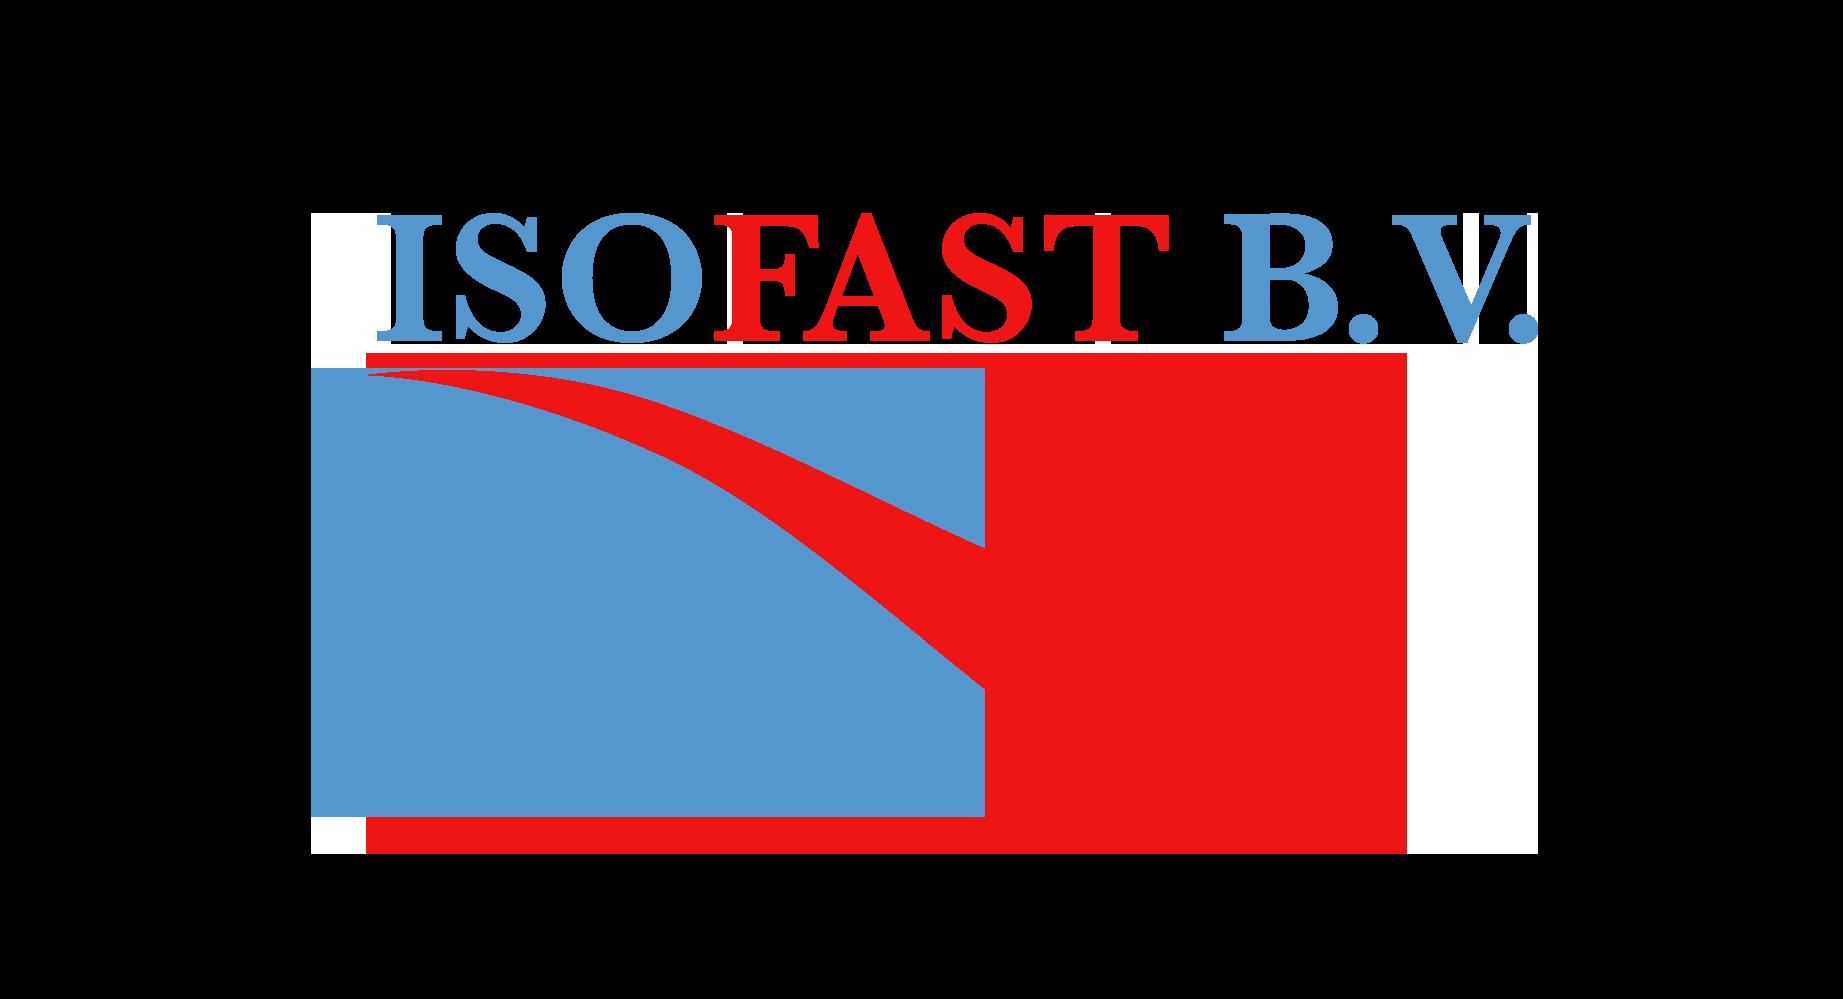 Isofast B.V